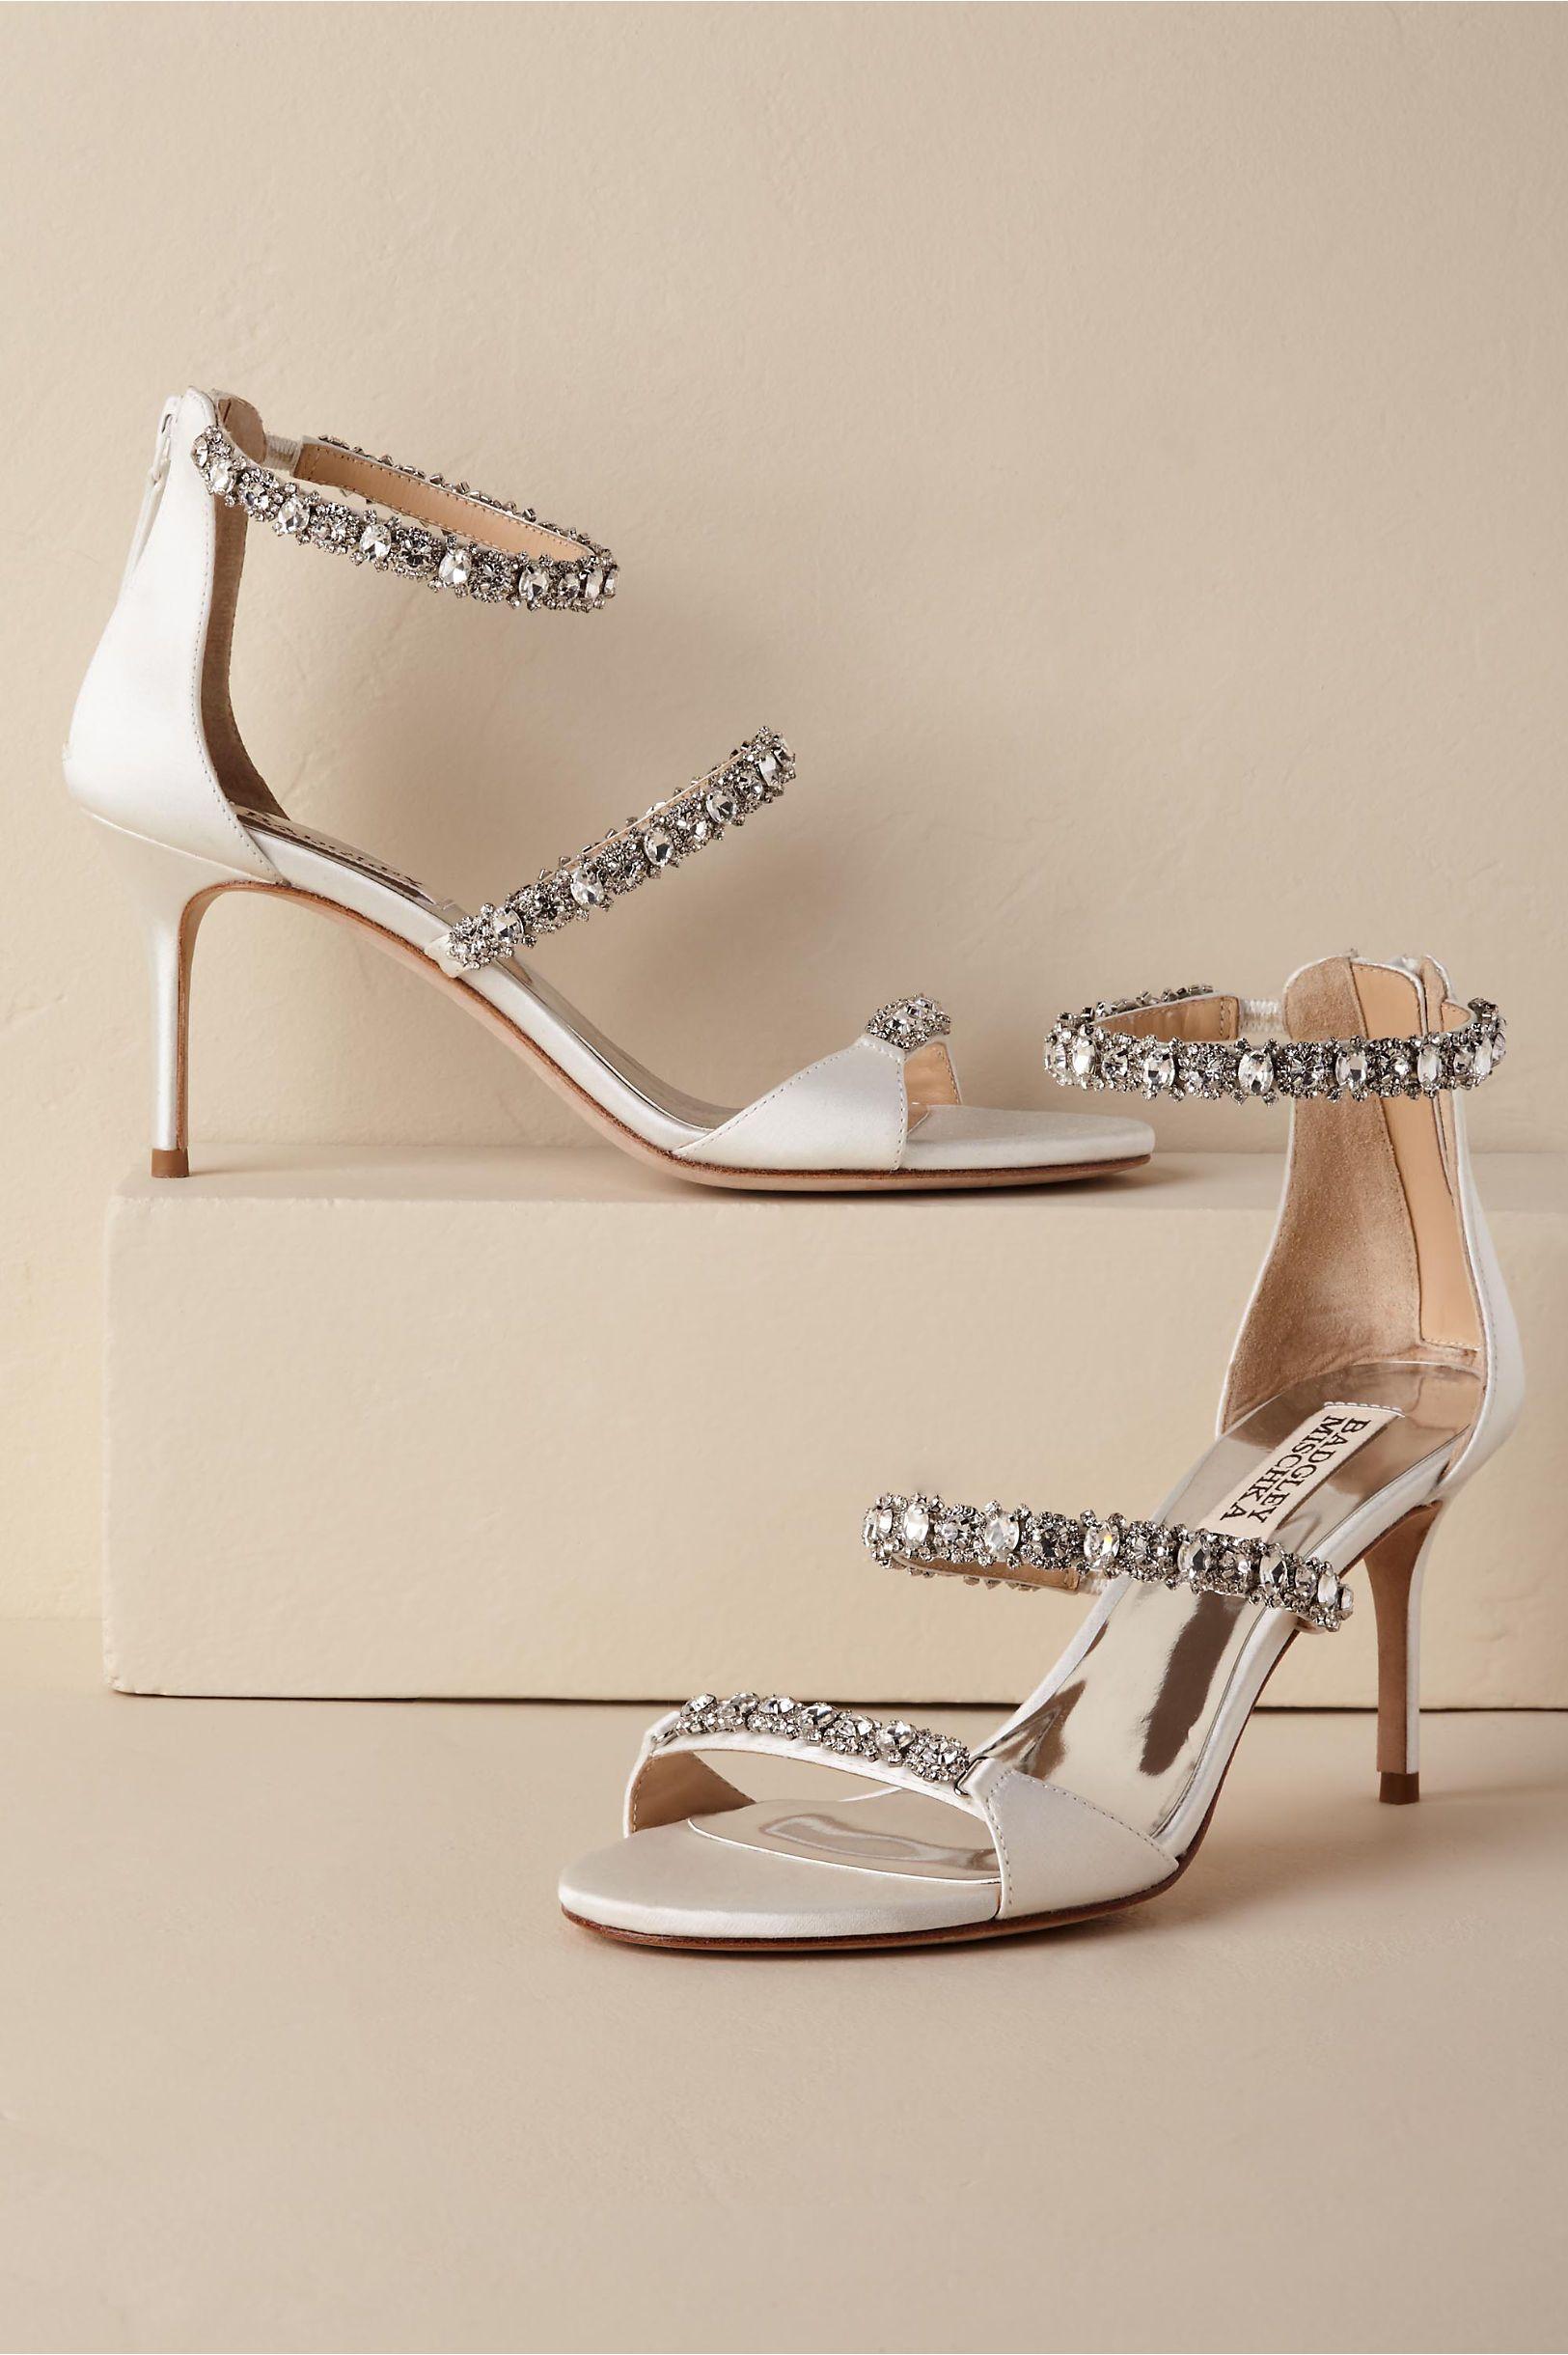 93e37427016 BHLDN s Badgley Mischka Yasmine Heel in White Bhldn Wedding